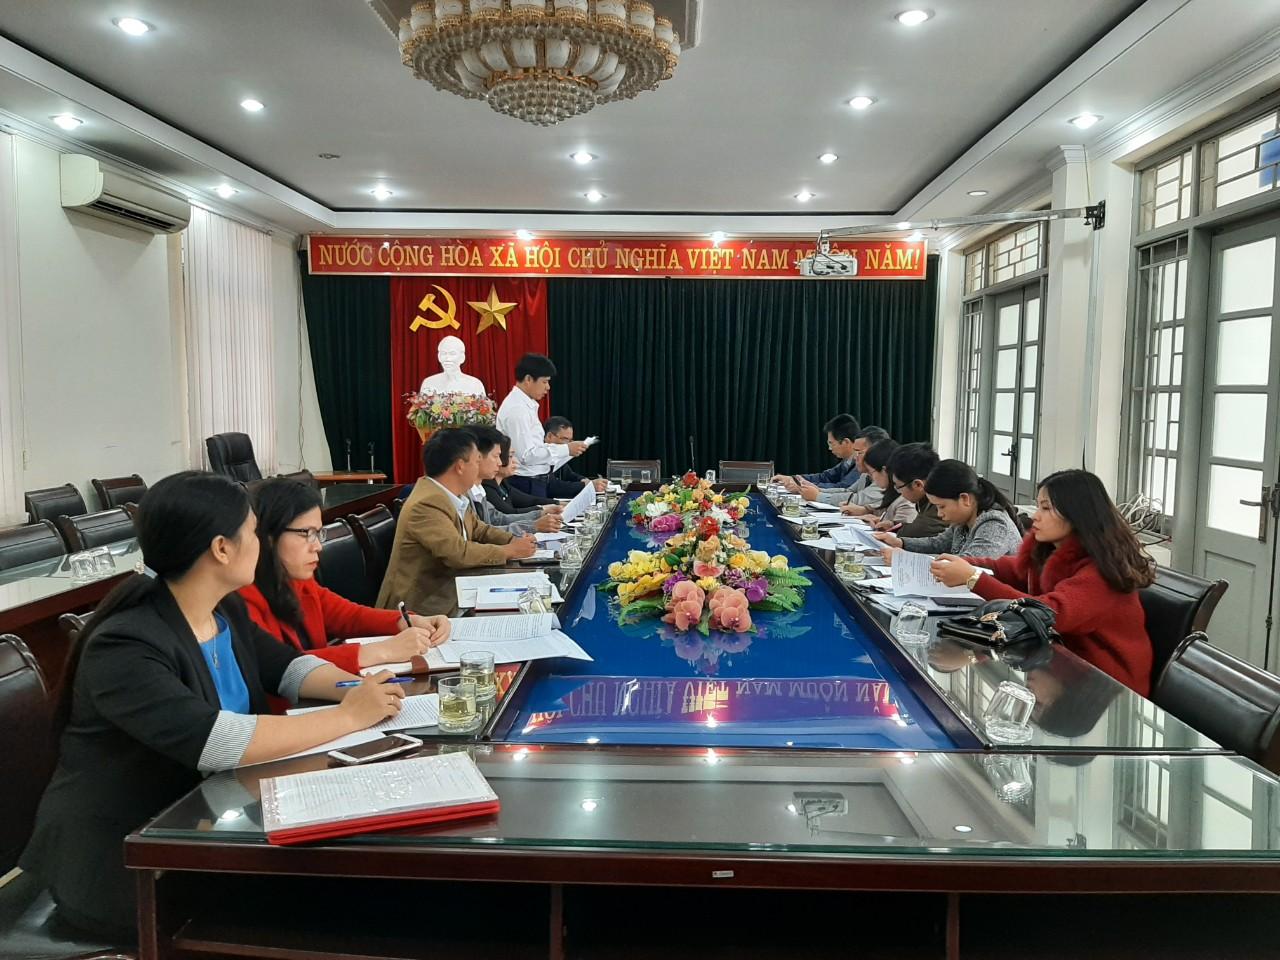 Sở Văn hóa và Thể thao tỉnh kiểm tra công tác văn hóa, thể thao và gia đình năm 2020 tại thành phố Tam Điệp.